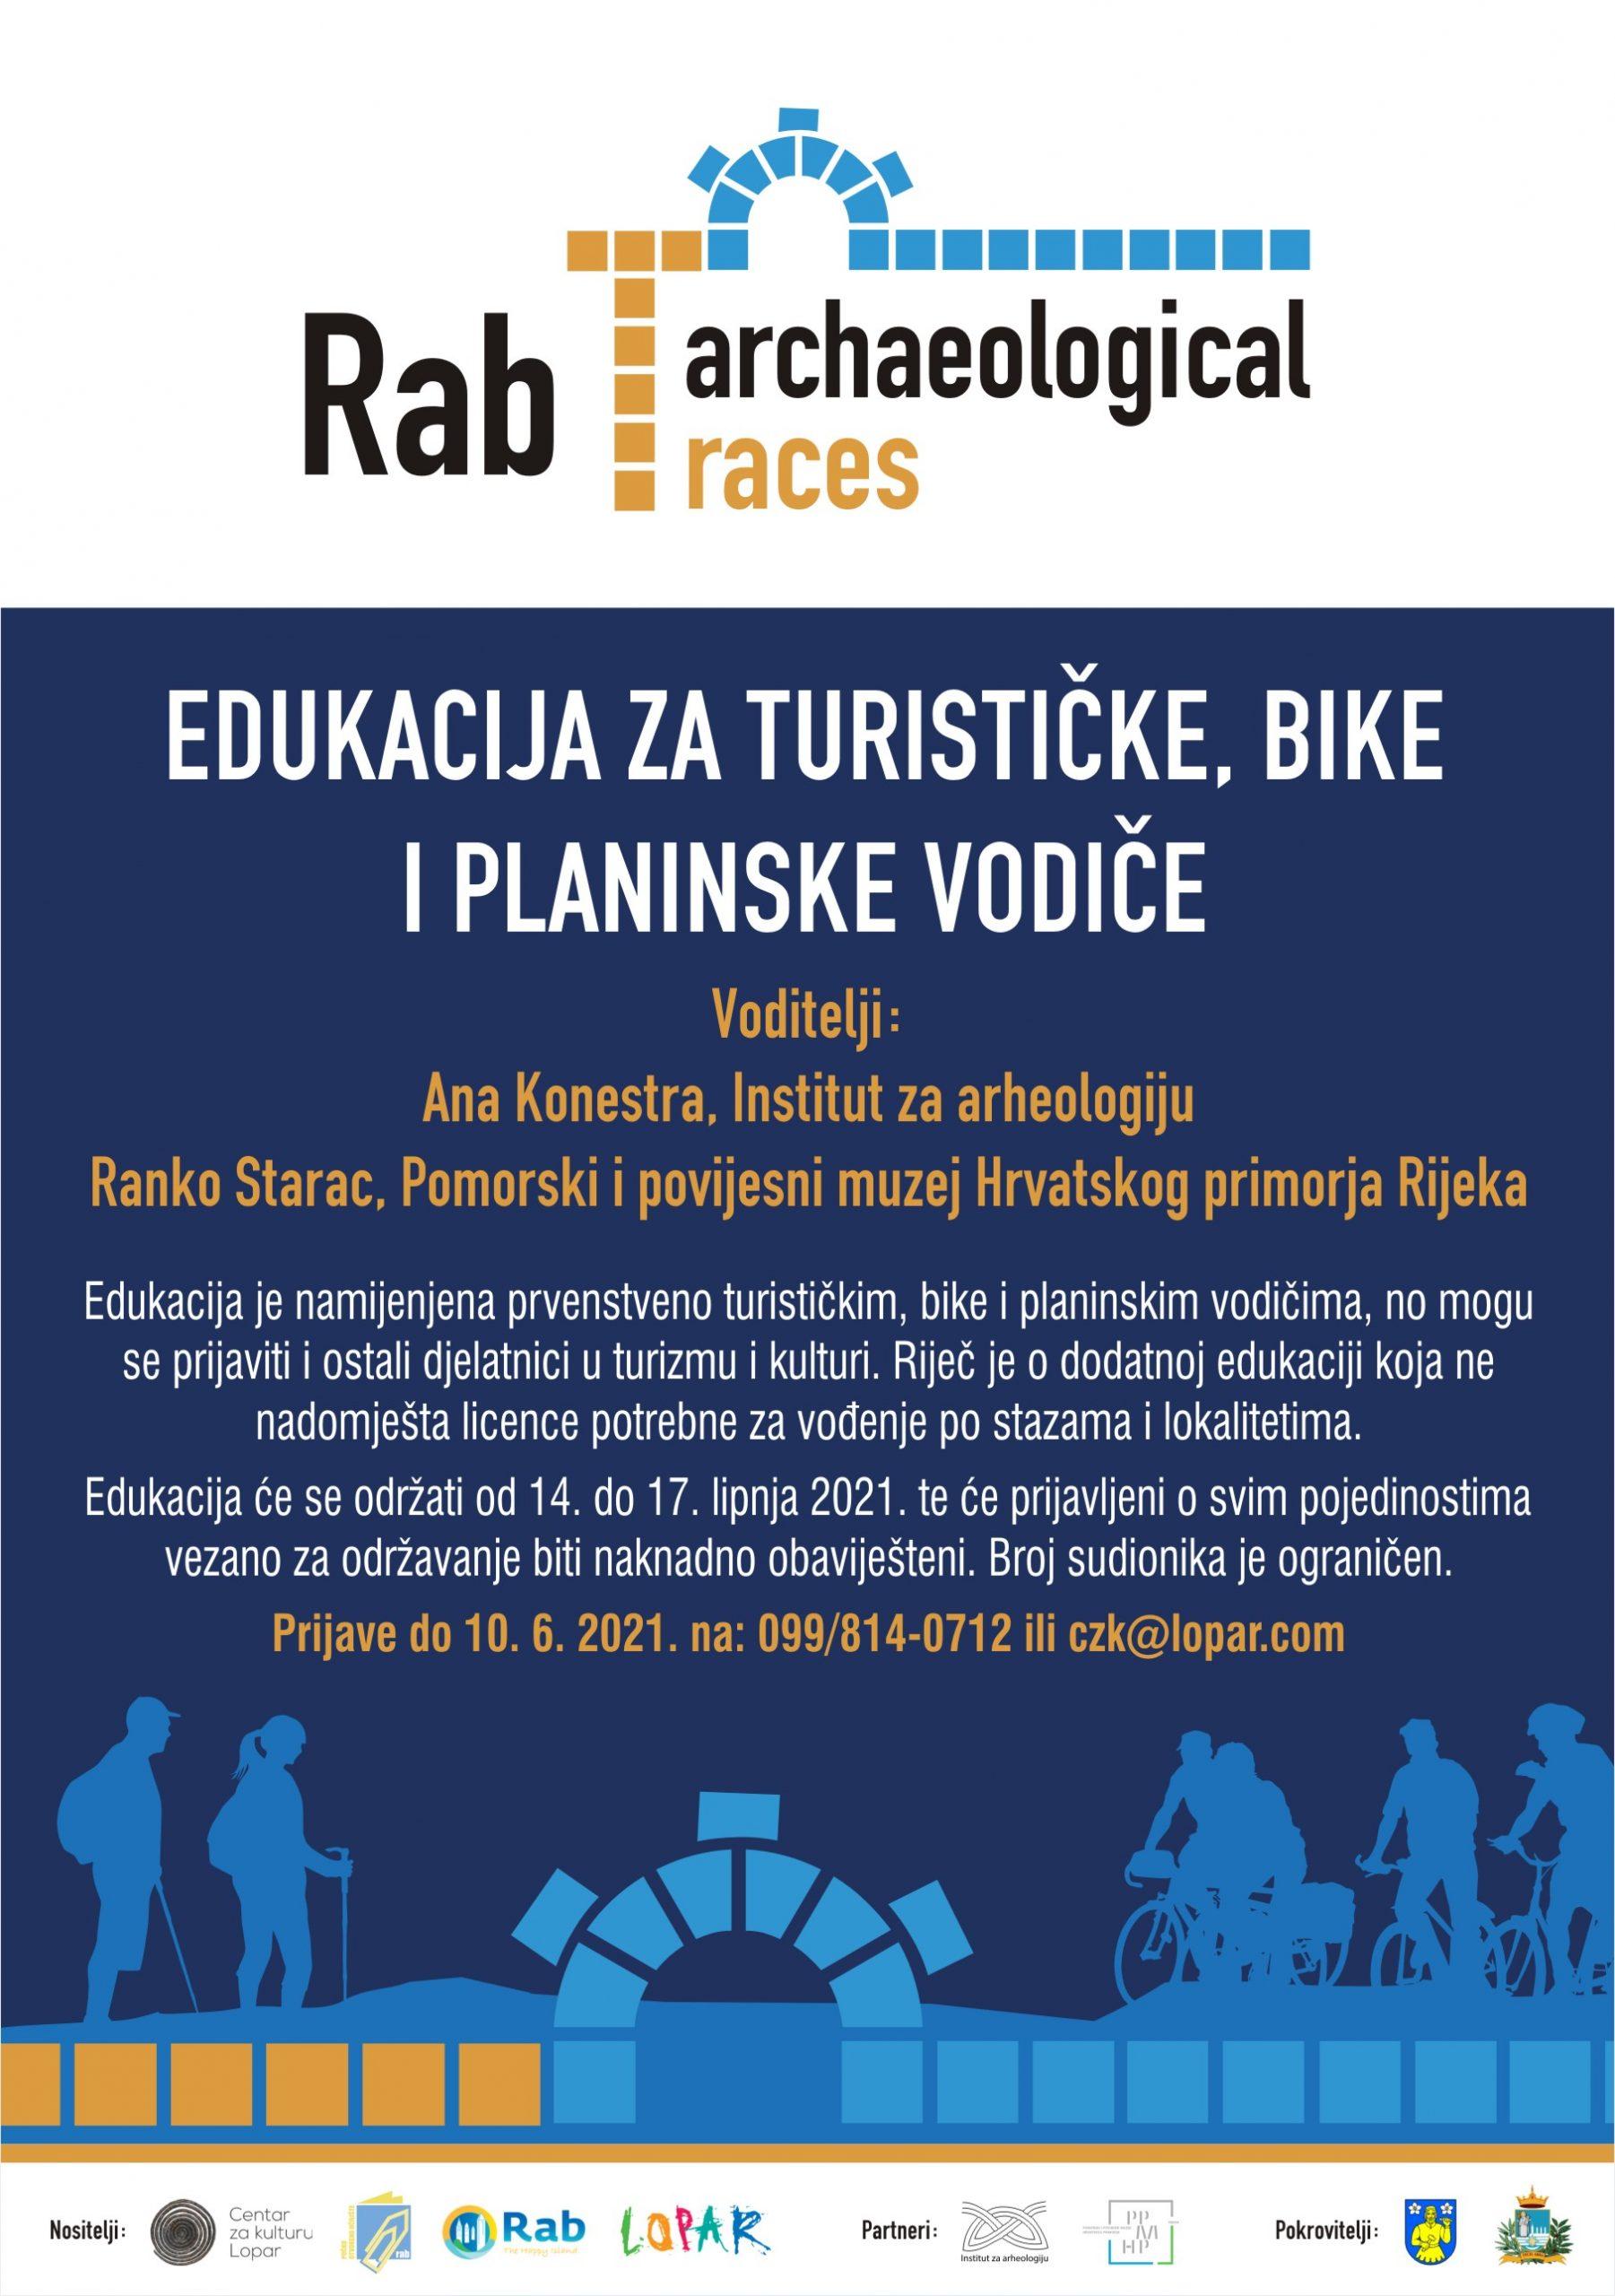 Edukacija za turističke, bike i planinske vodiče